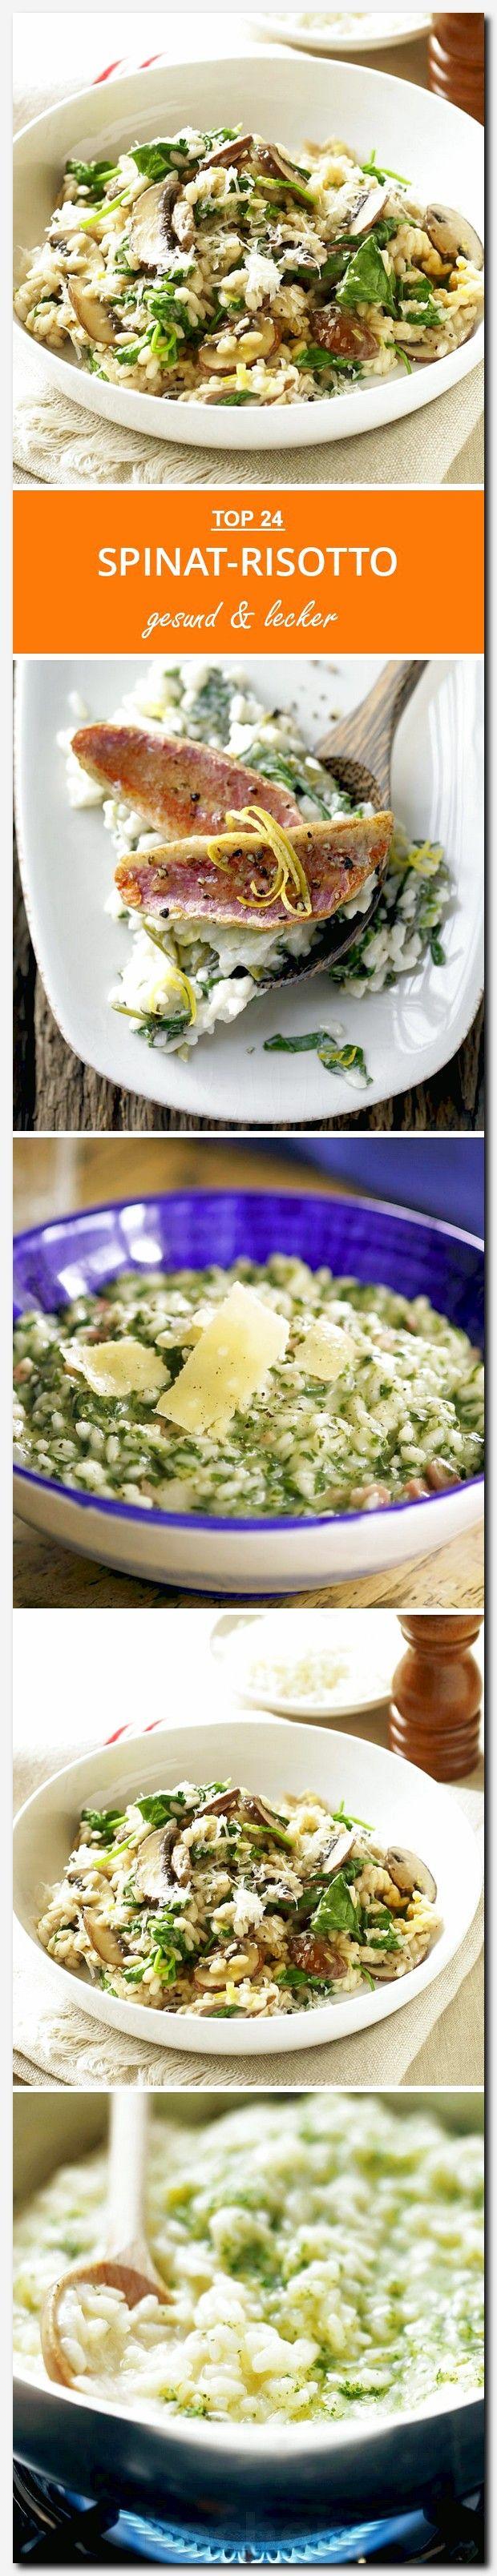 #kochen #vegetarisch italiaans voorgerecht vlees, ikors dips, lieblingsessen in frankreich, schnell gekocht rezepte einfach, leichtes abendessen warm, schnelle gerichte mittag, hirschschnitzel braten, spaghetti auflauf rezept, rezept zanderfilet, klink und nett rezepte, koken italiaans, backen osterreich, platzchen zutaten, galileo tv rezepte heute, rezepte grillen, leckeres aus omas kuche